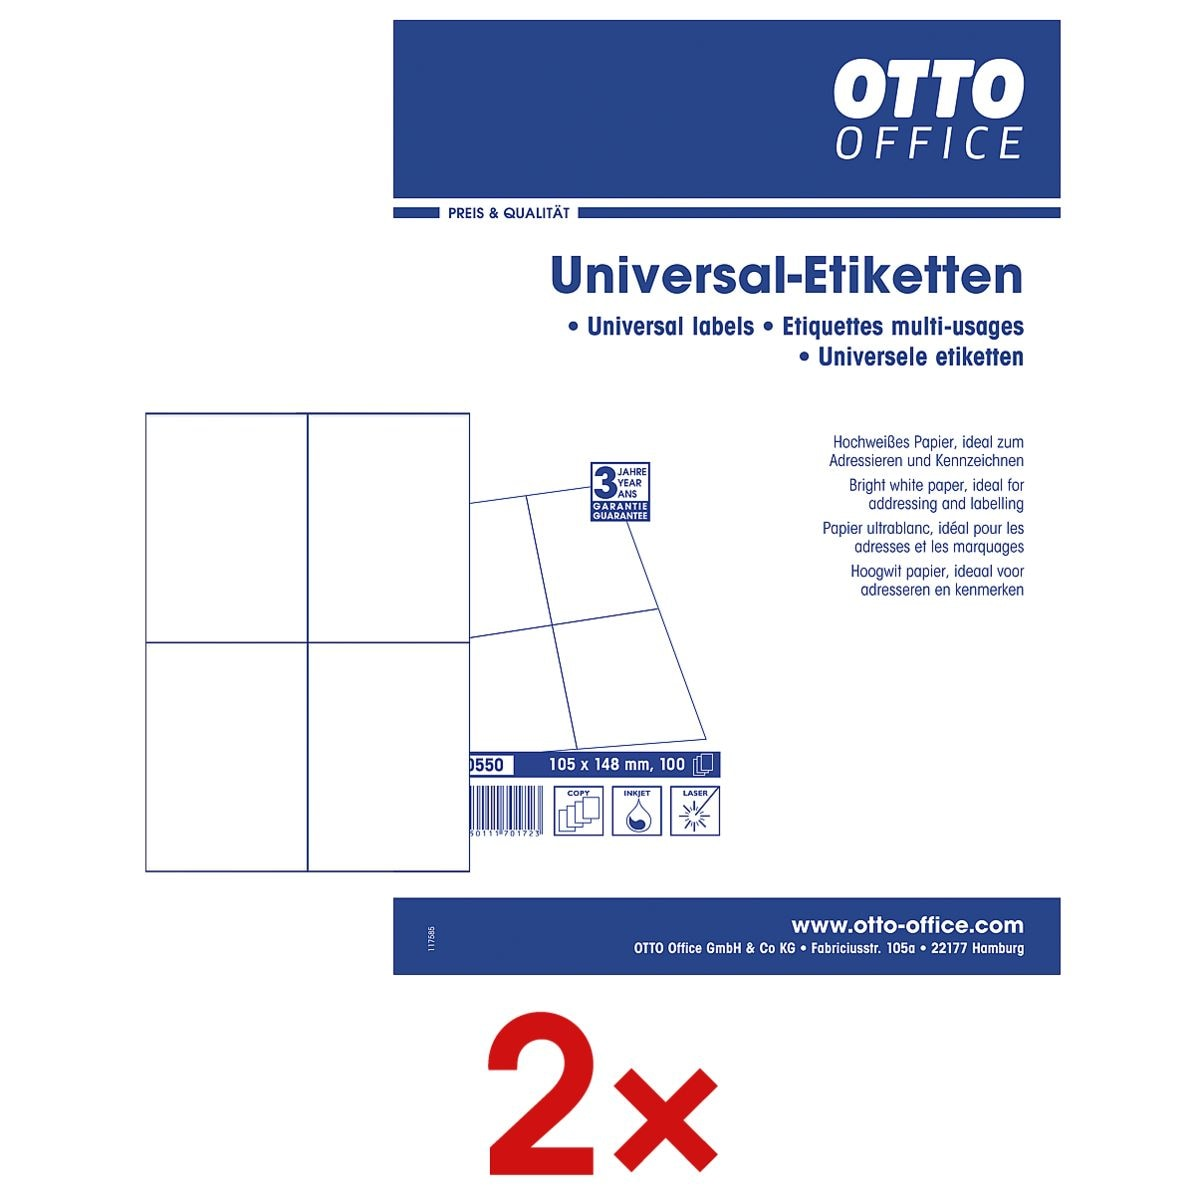 OTTO Office 2x pak van 400 universele etiketten